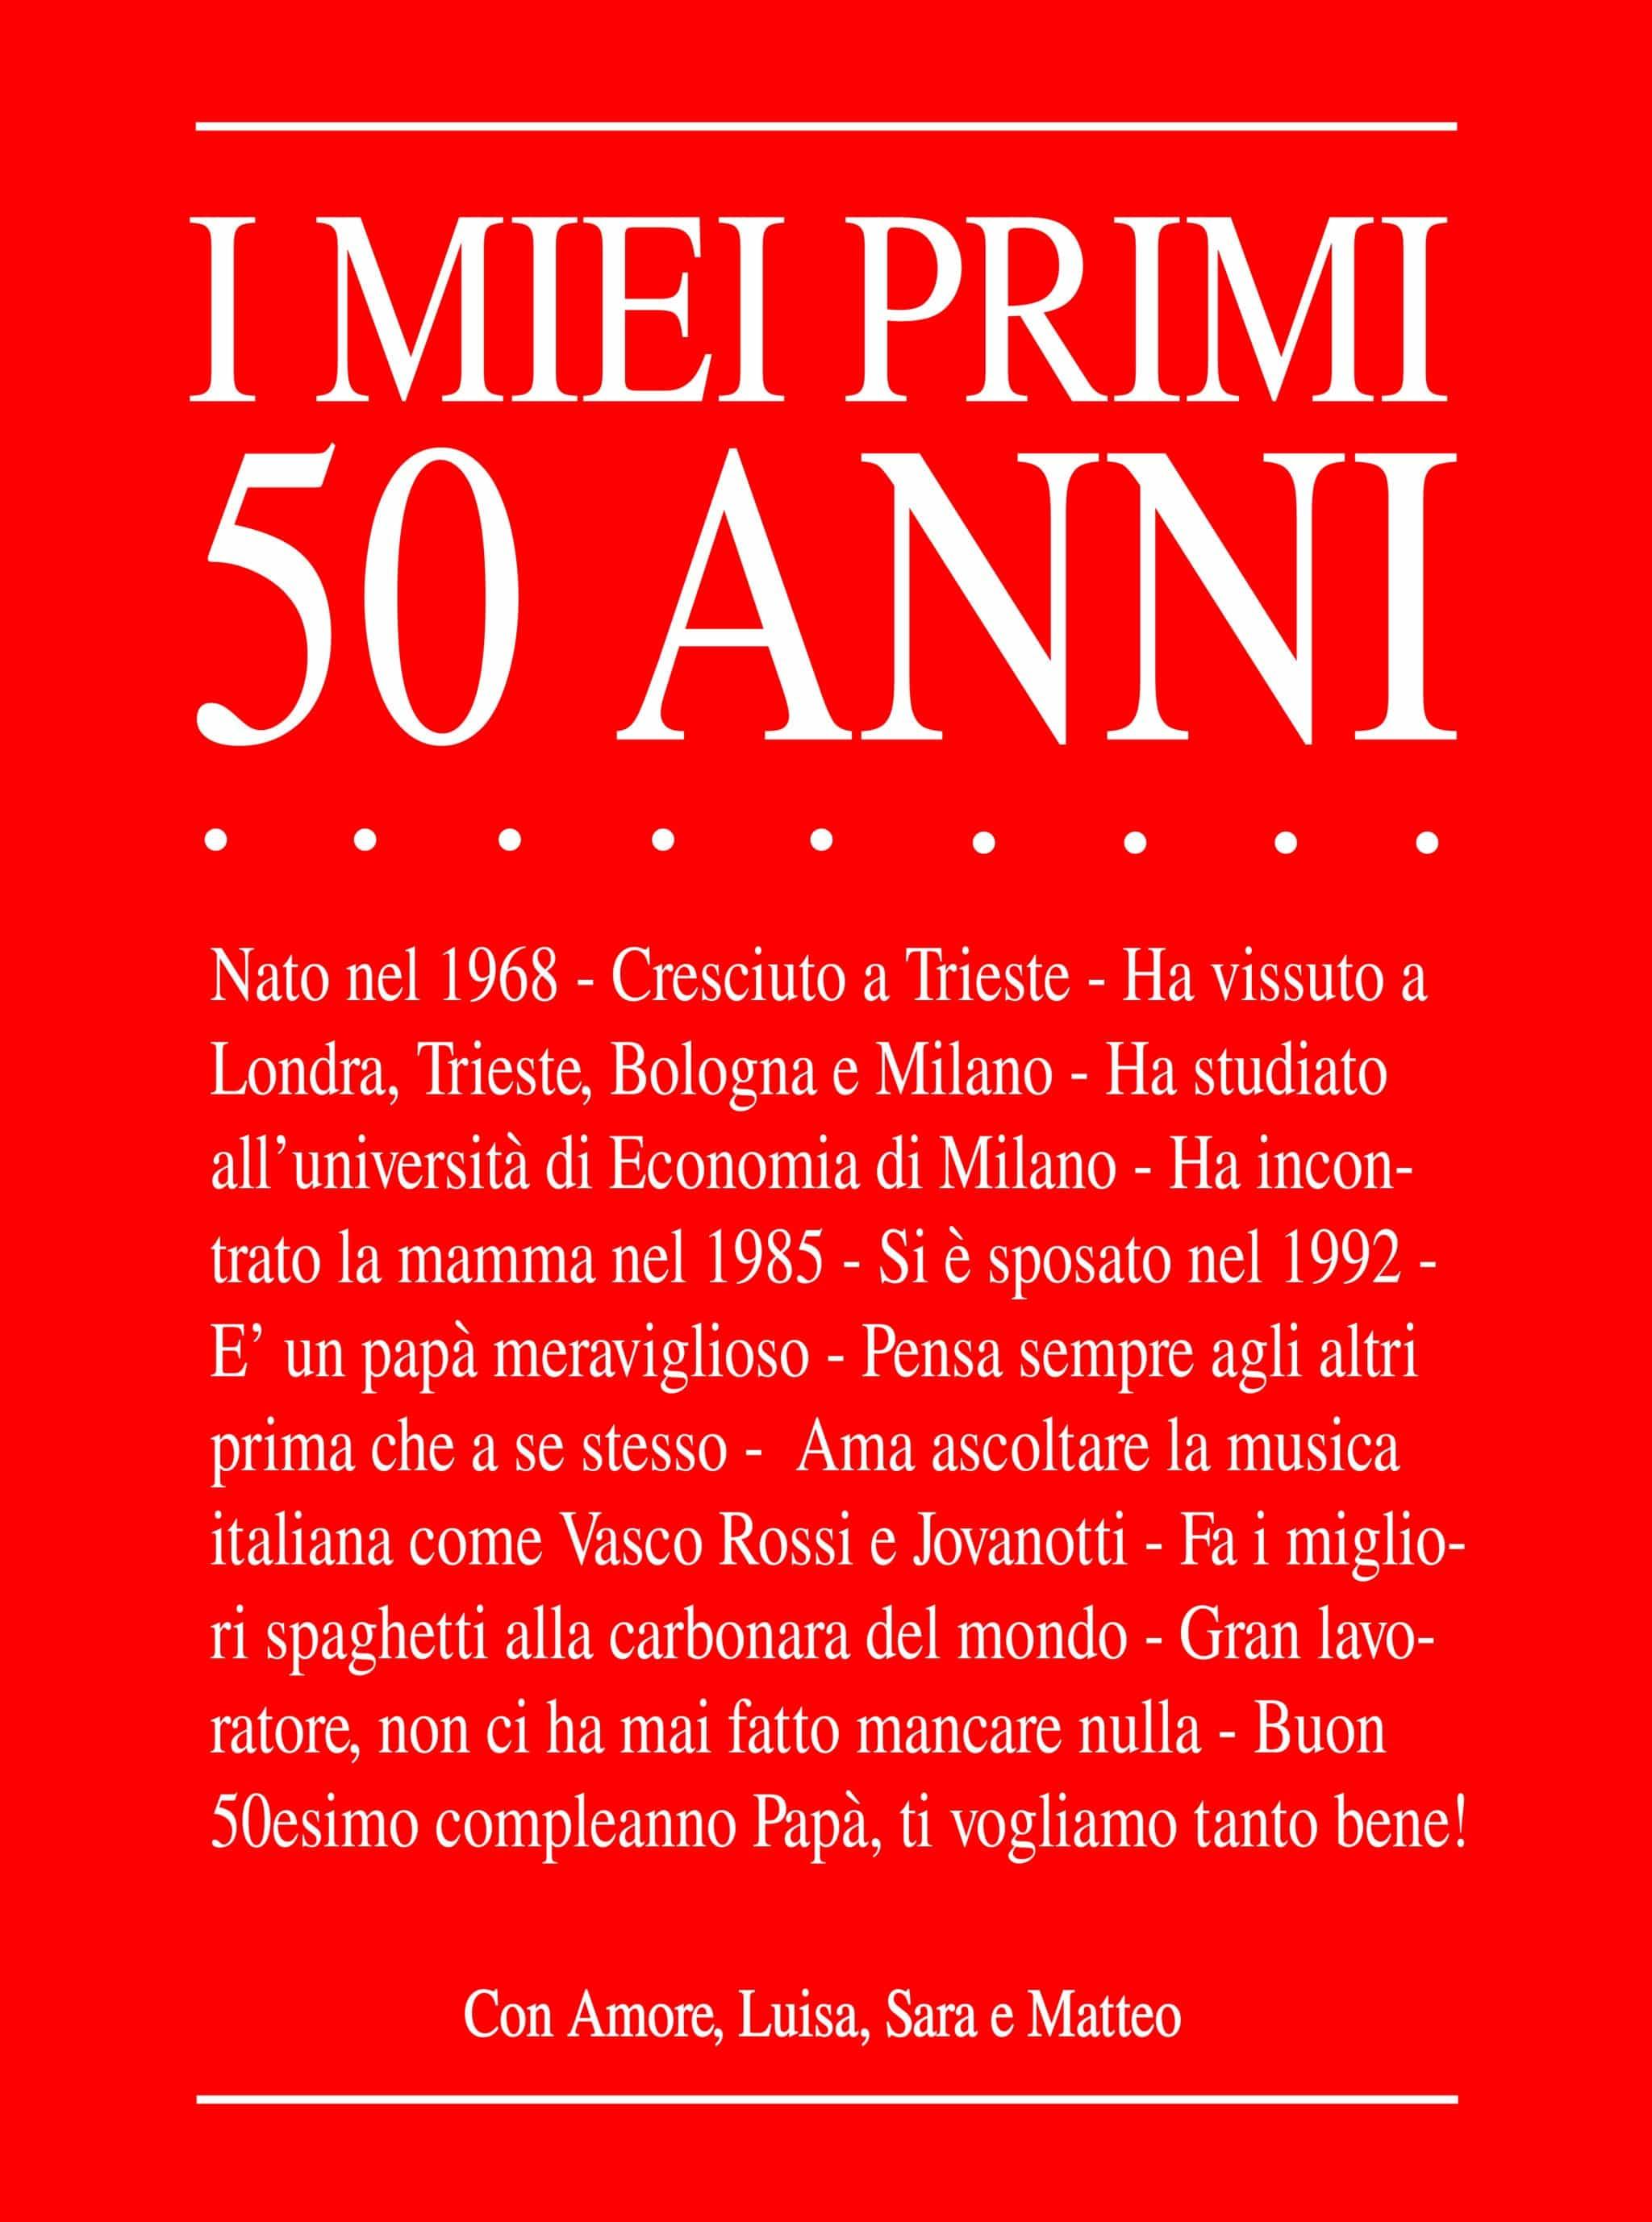 Frasi Per Inviti Di Compleanno 50 Anni